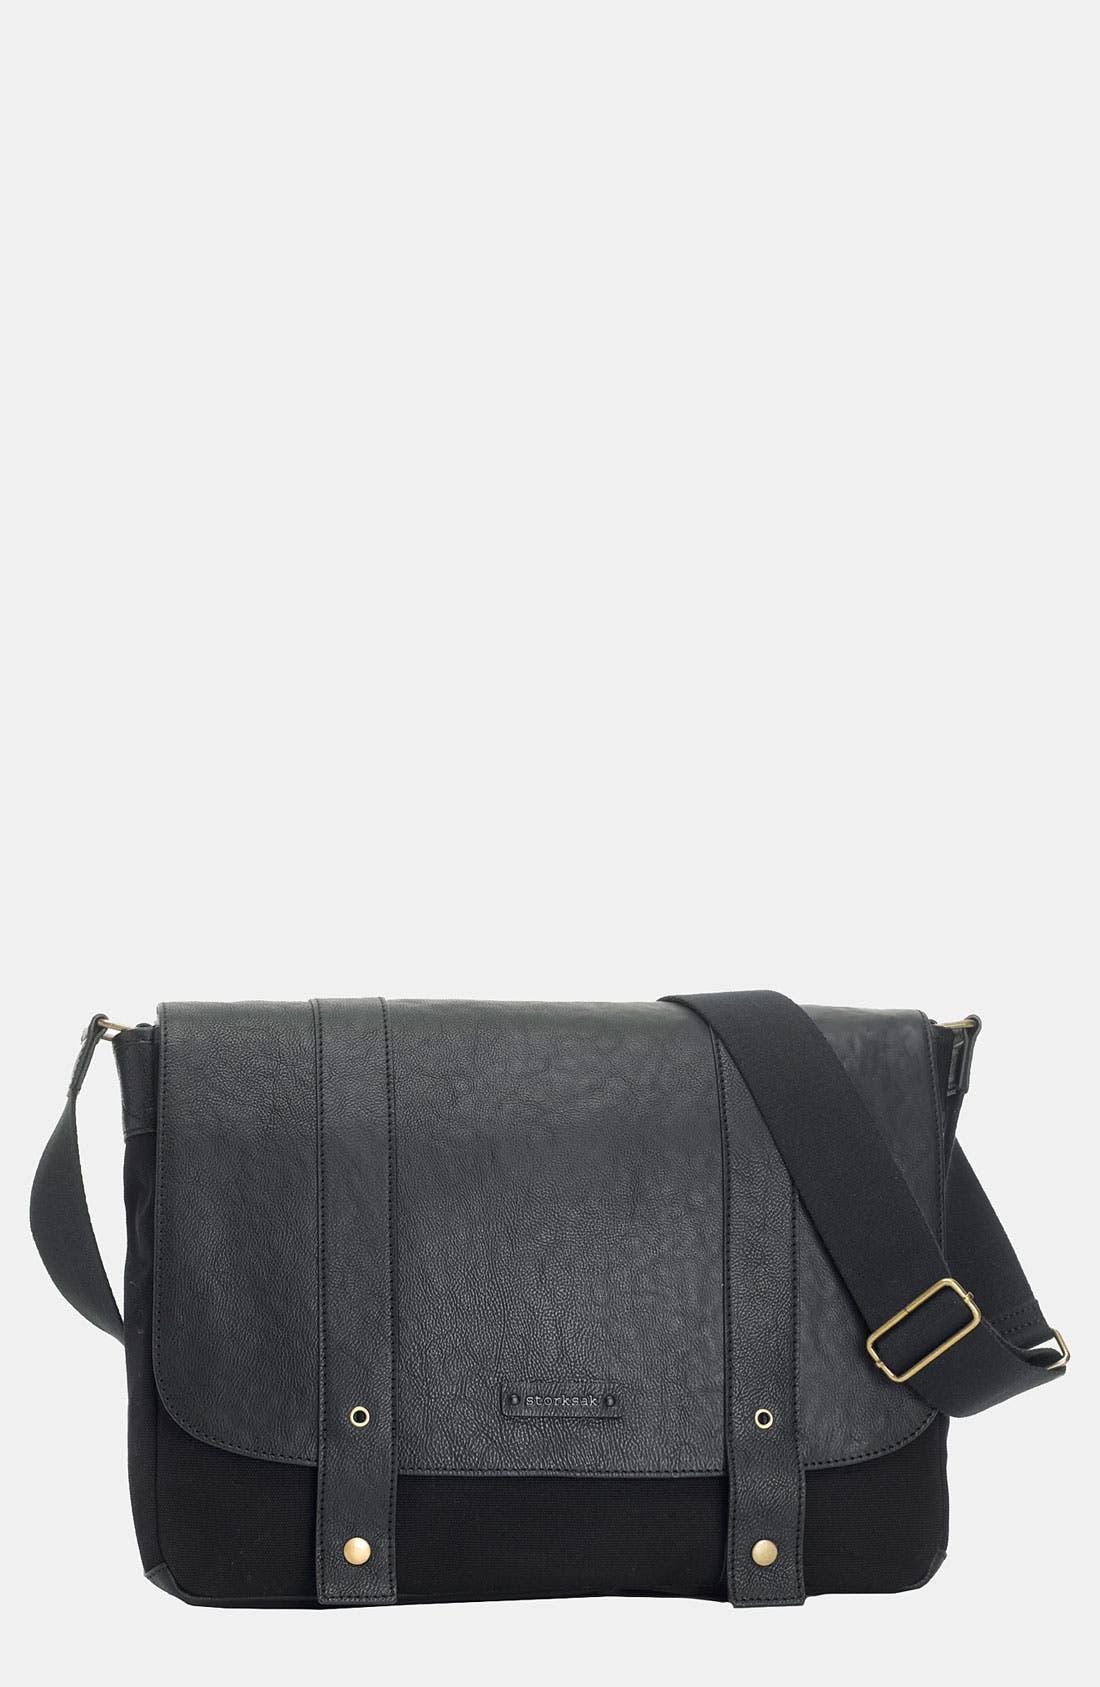 Alternate Image 1 Selected - Storksak 'Aubrey' Diaper Bag